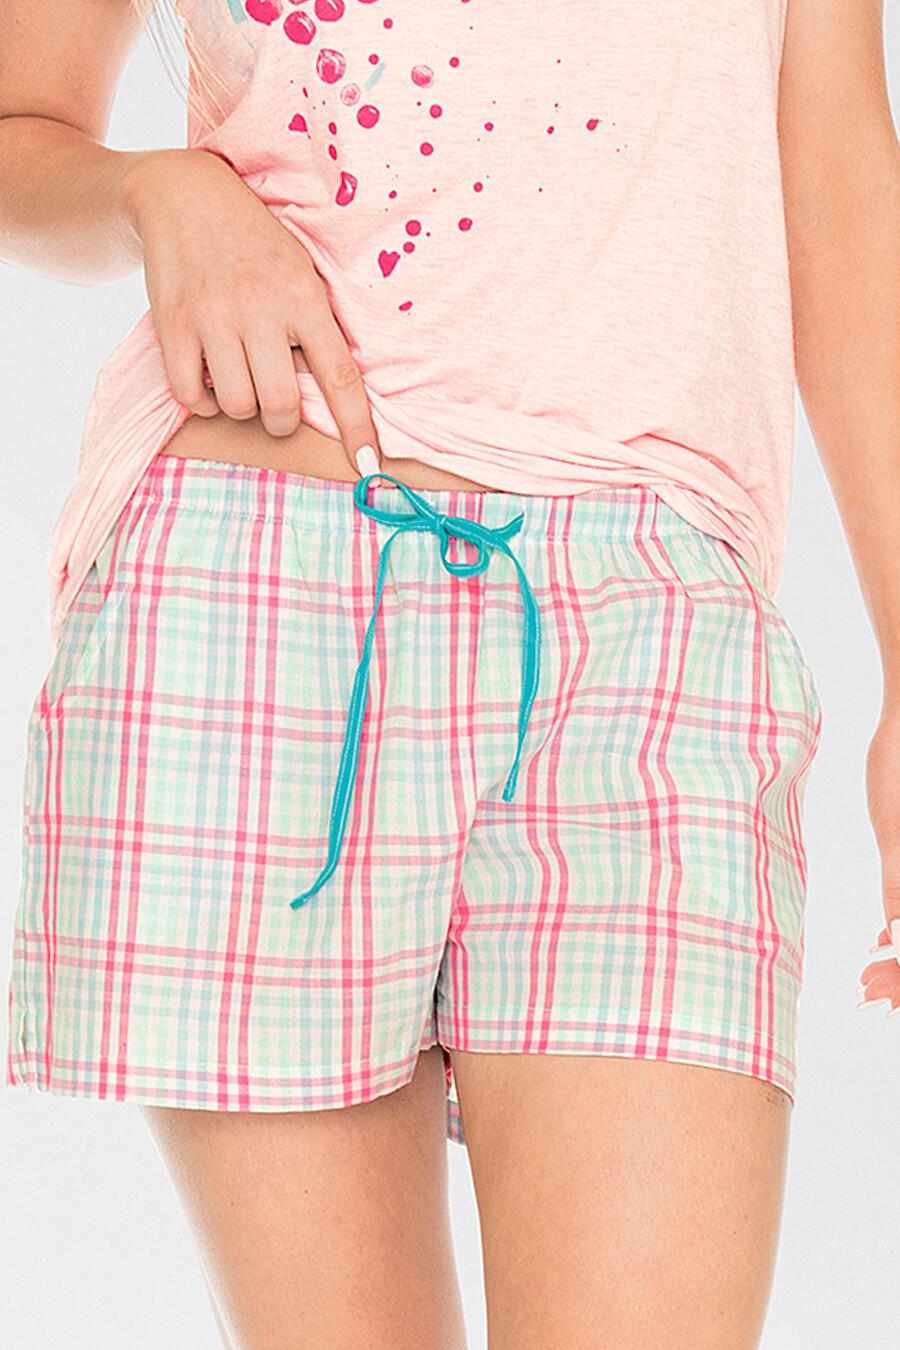 Комплект (Футболка+Шорты) для женщин KEY 116740 купить оптом от производителя. Совместная покупка женской одежды в OptMoyo